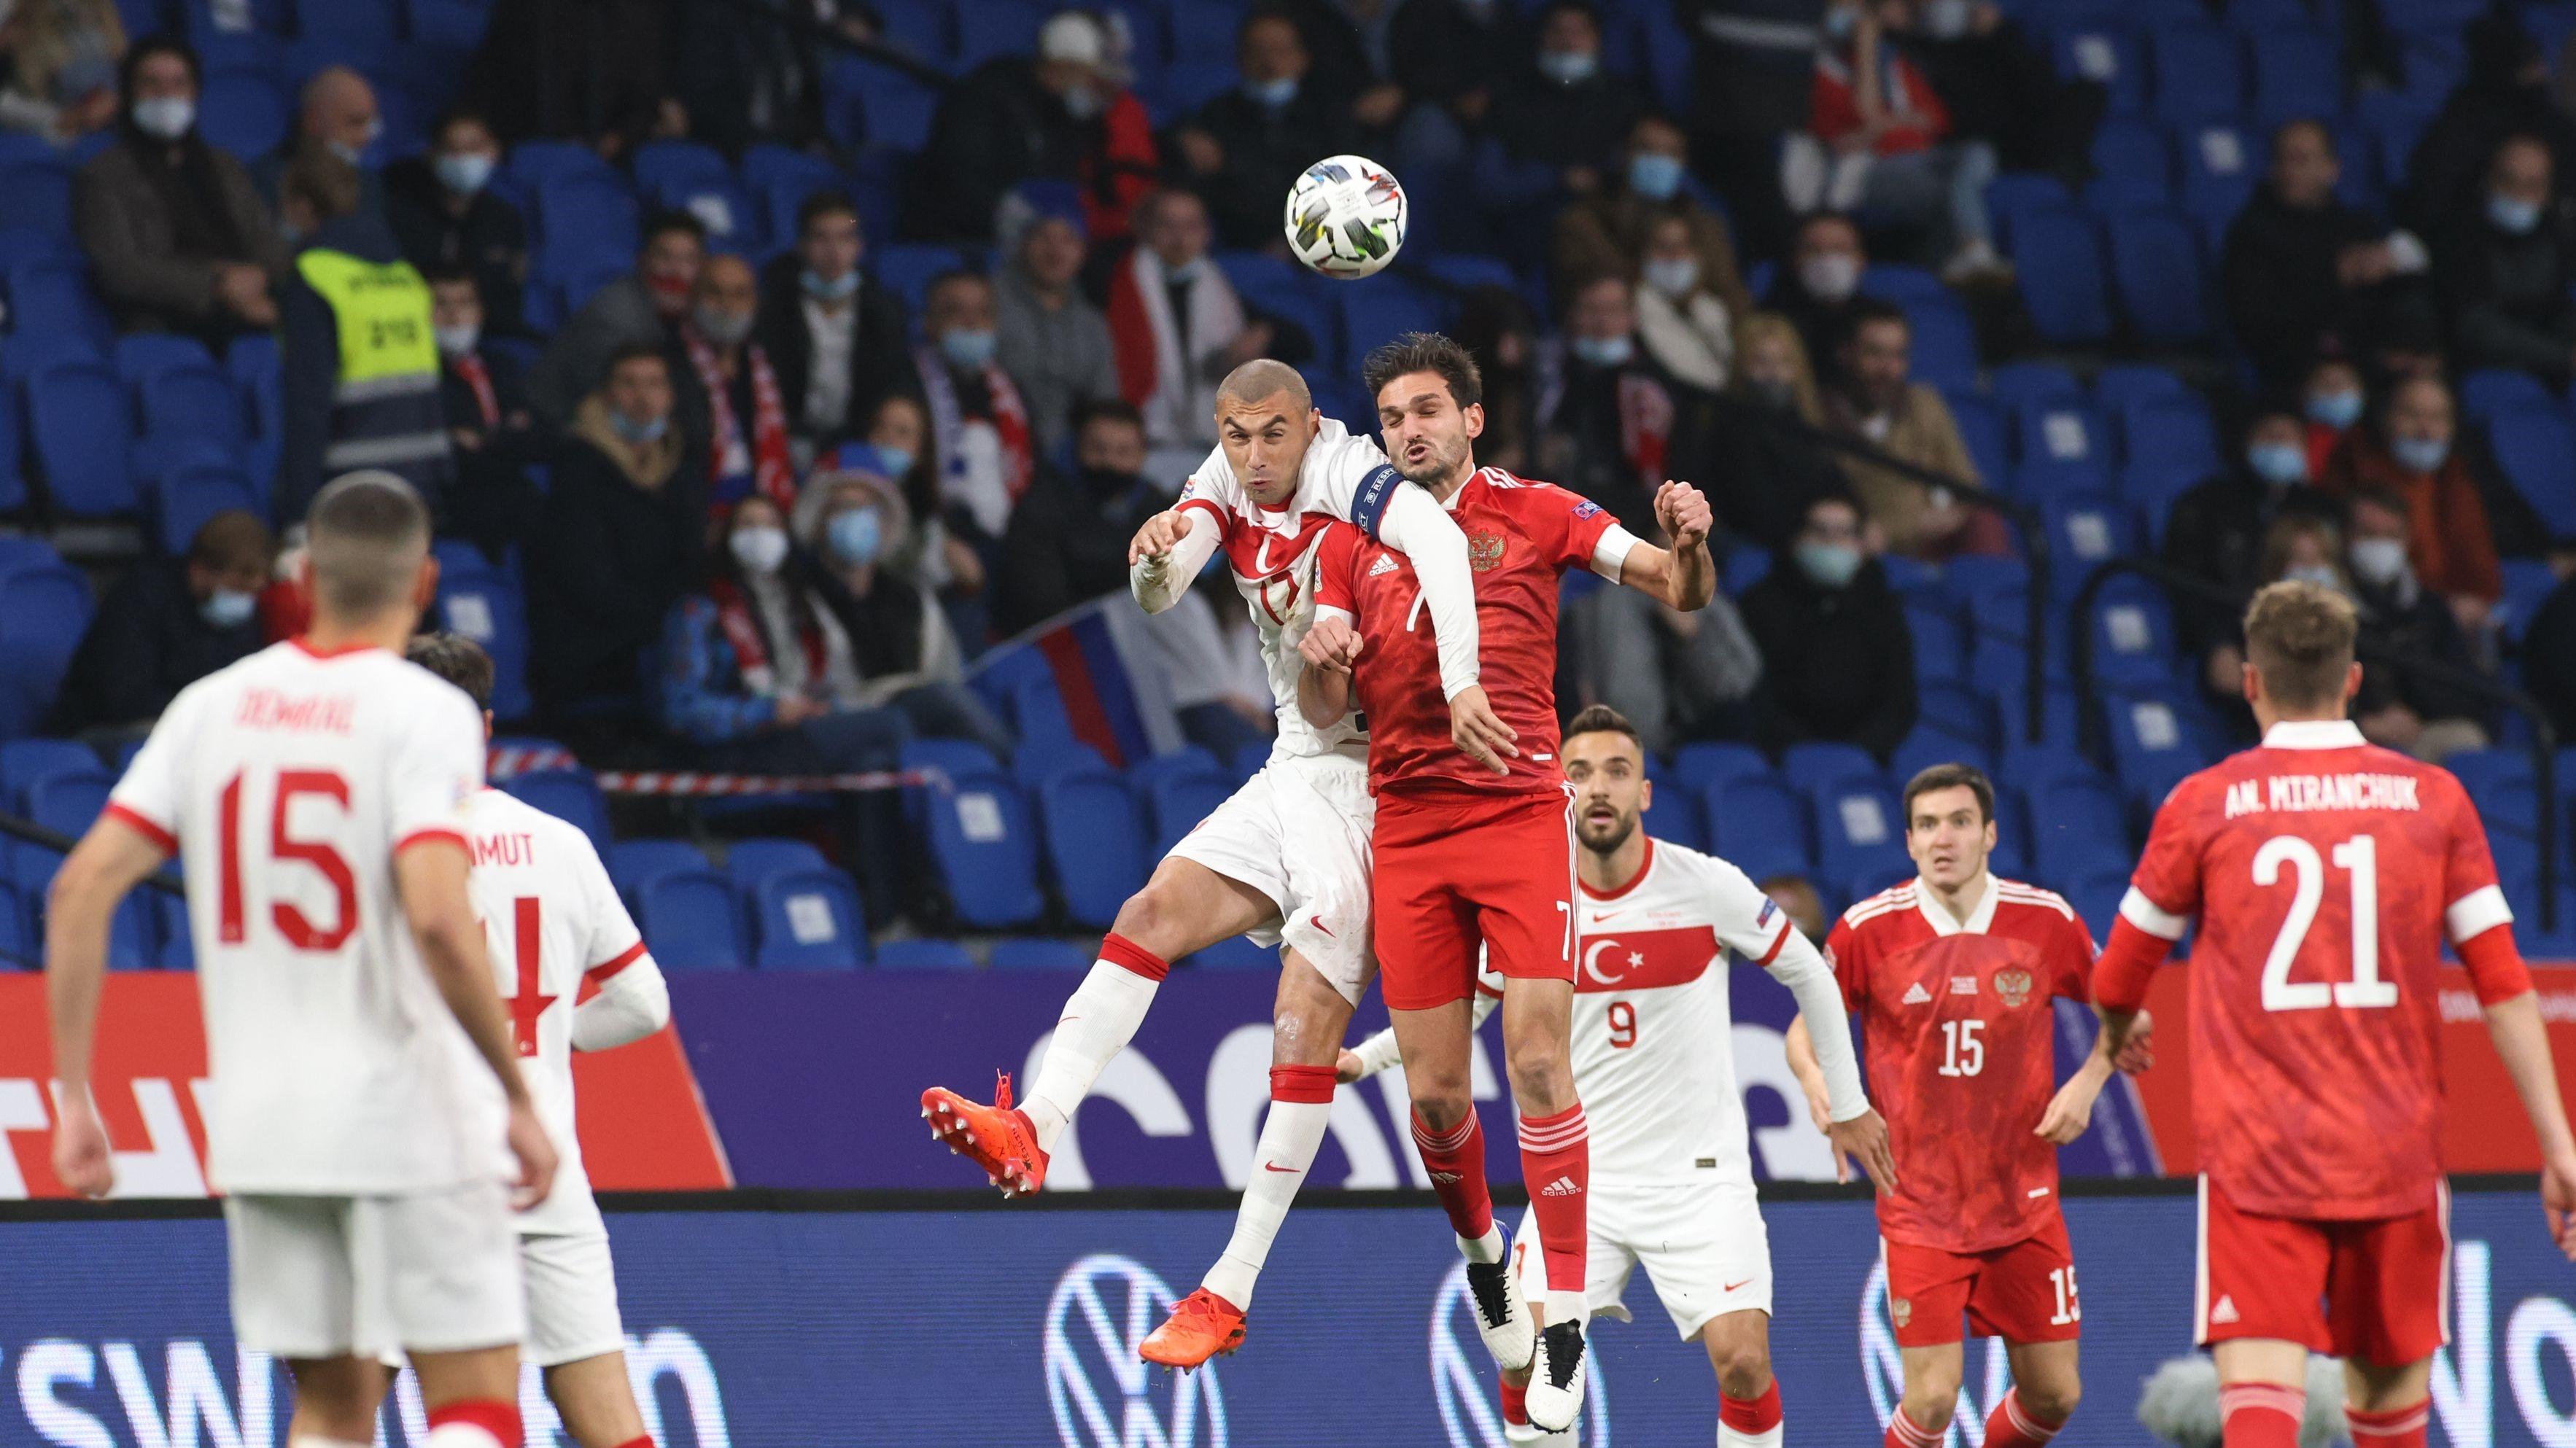 Türkei Vs Kroatien Live